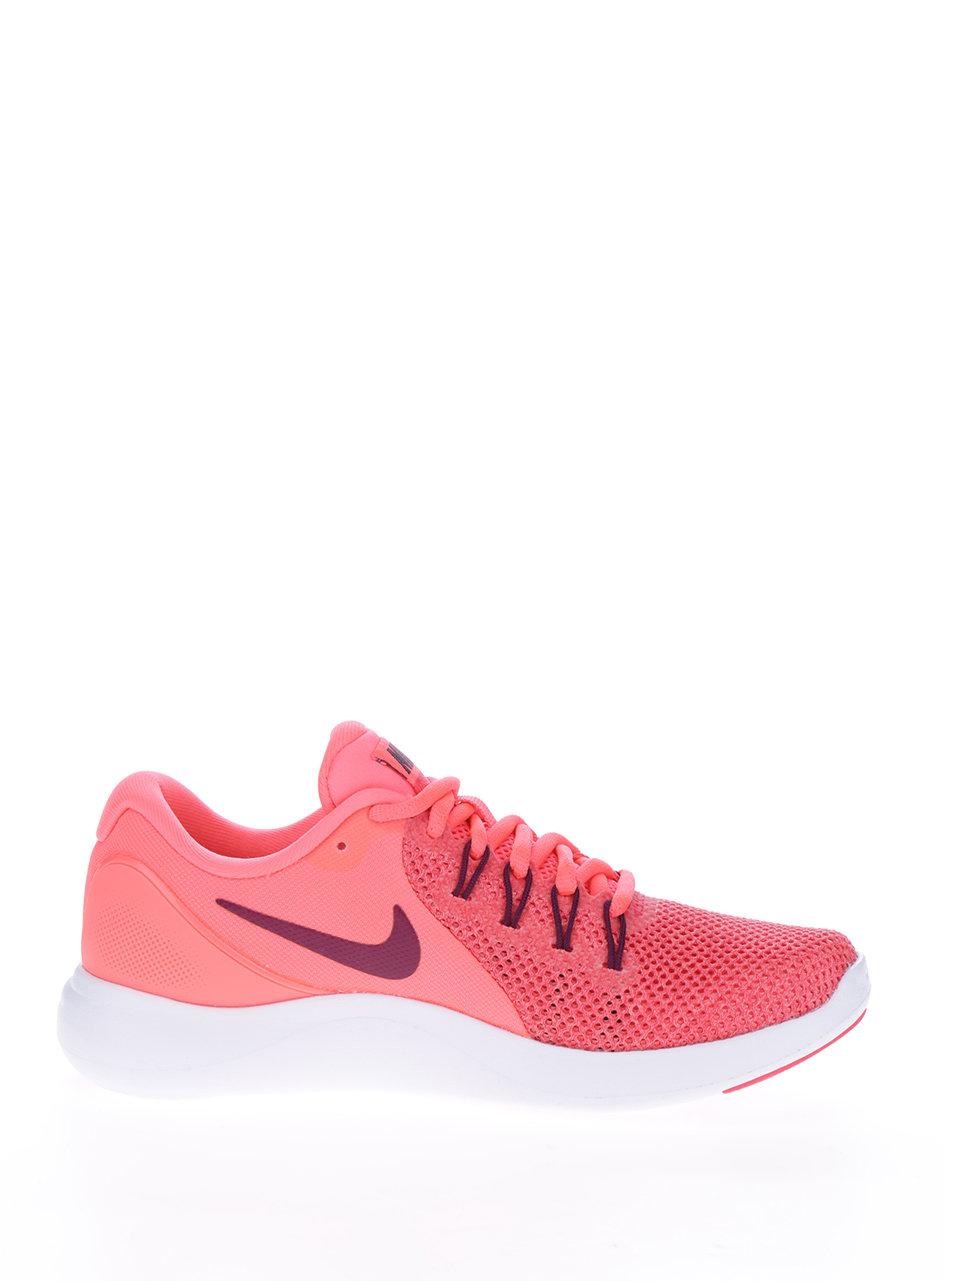 45a0c8f4ae Neonově růžové dámské perforované tenisky Nike Lunar Apparent ...